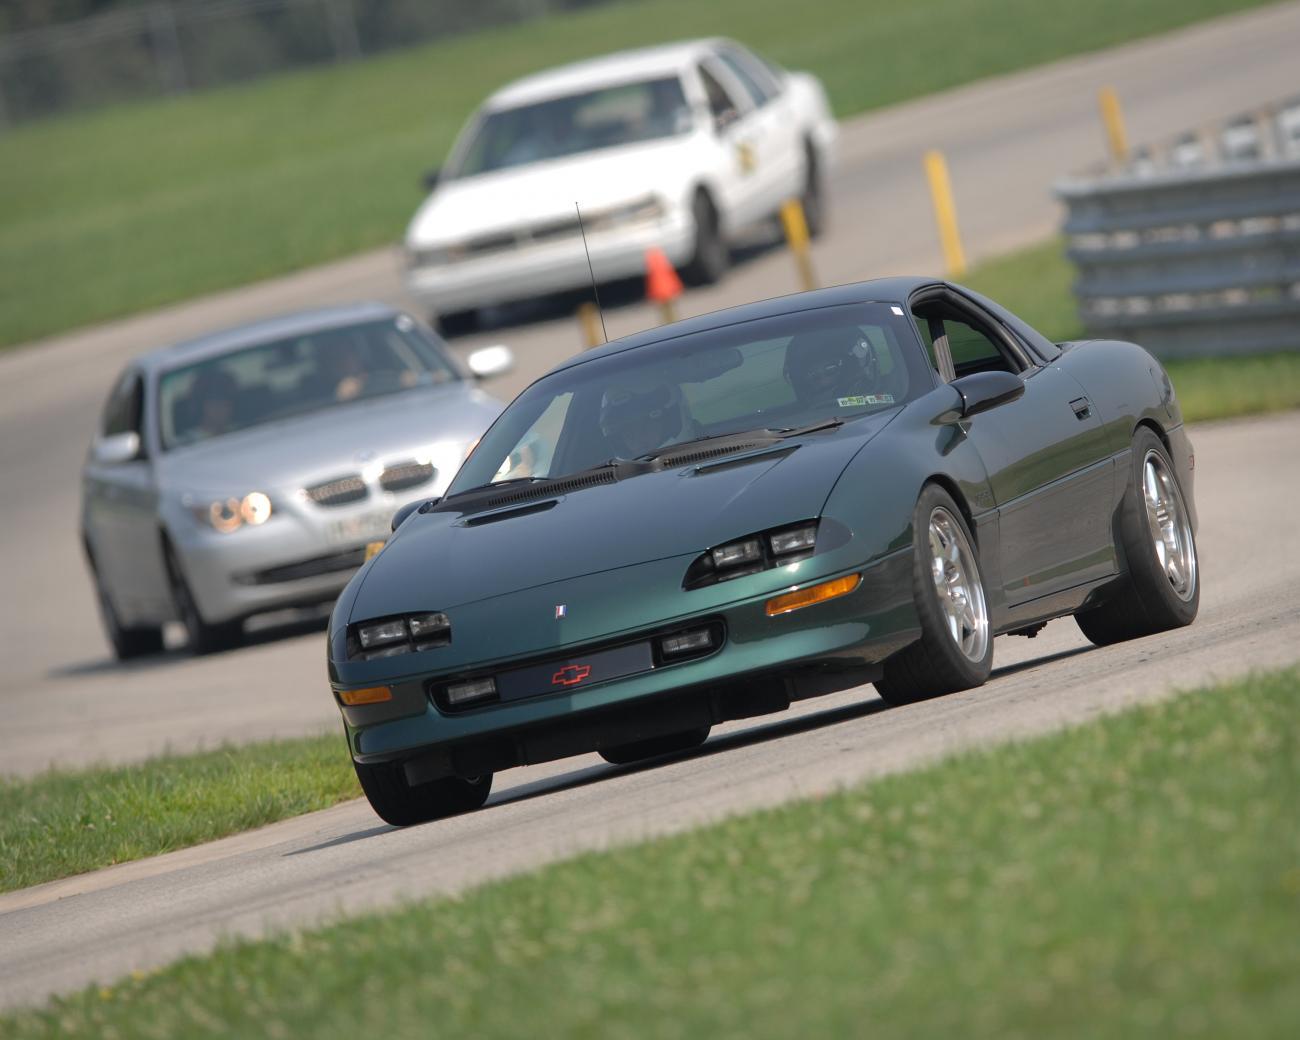 4th Gen Camaro 1le >> Post up your 4th Gen. Camaro - Page 95 - Camaro5 Chevy Camaro Forum / Camaro ZL1, SS and V6 ...